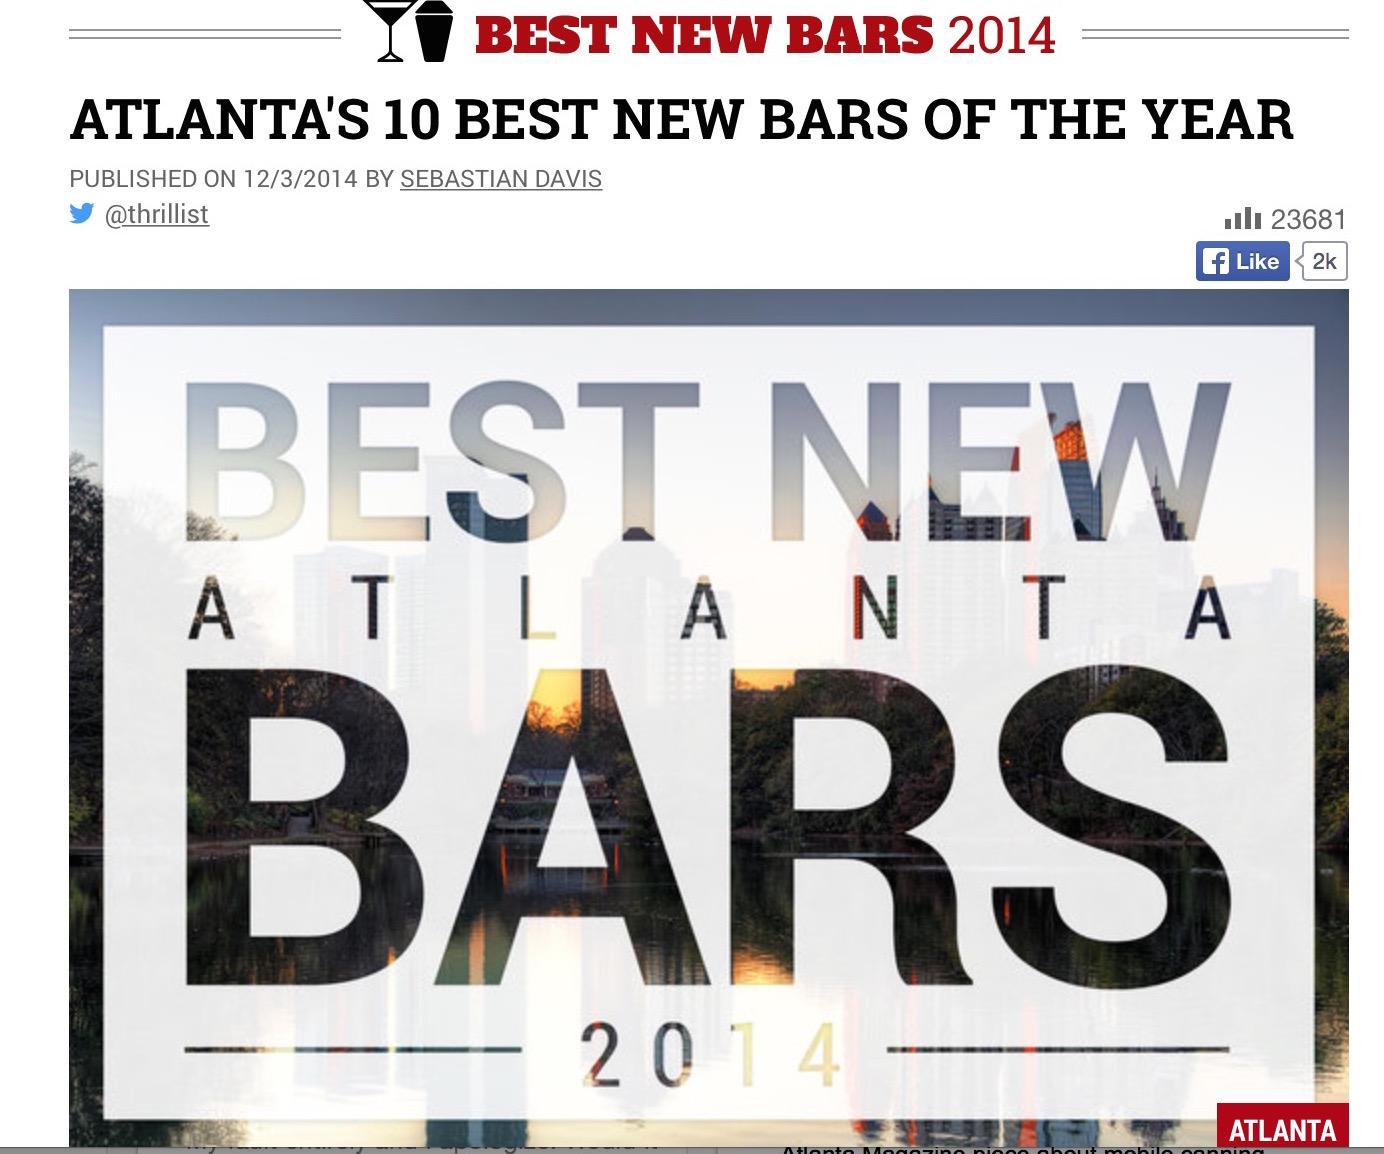 Thrillist  , December 3rd, 2014, Atlanta's 10 Best New Bars